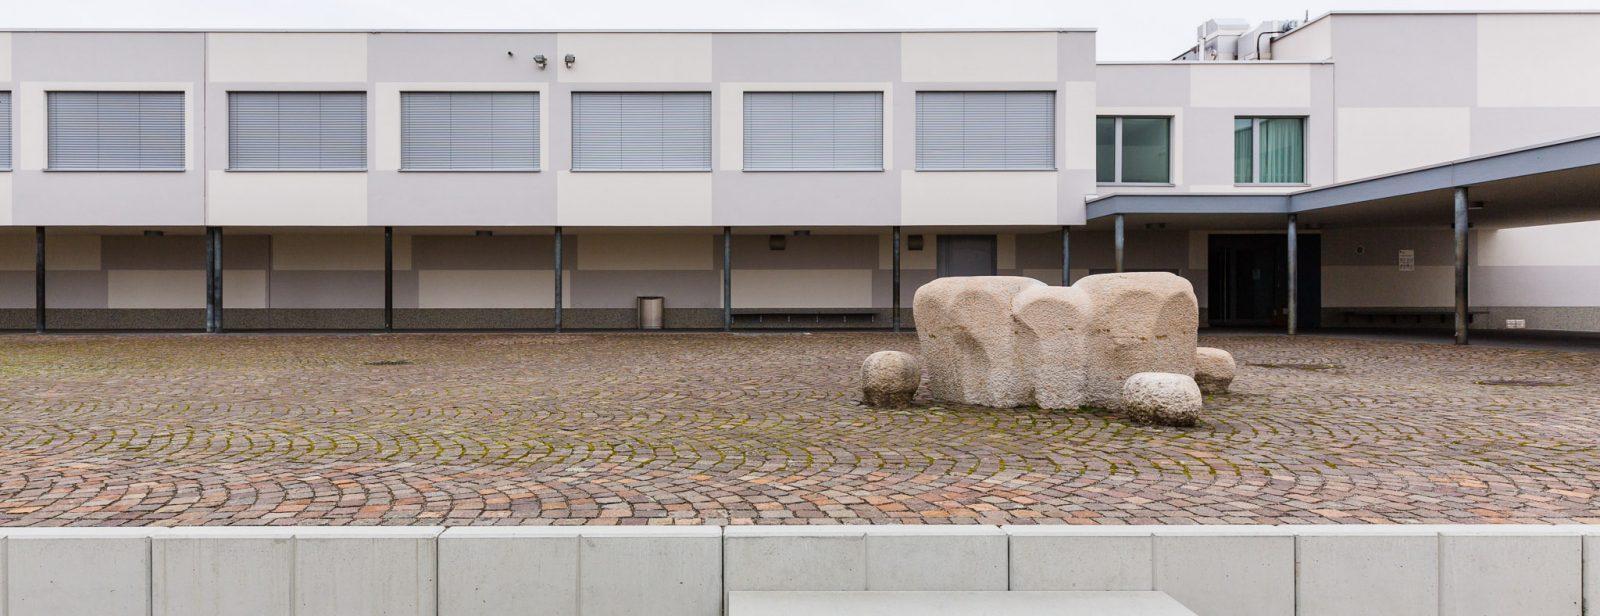 Schulhaus Ennetgraben, Affoltern am Albis